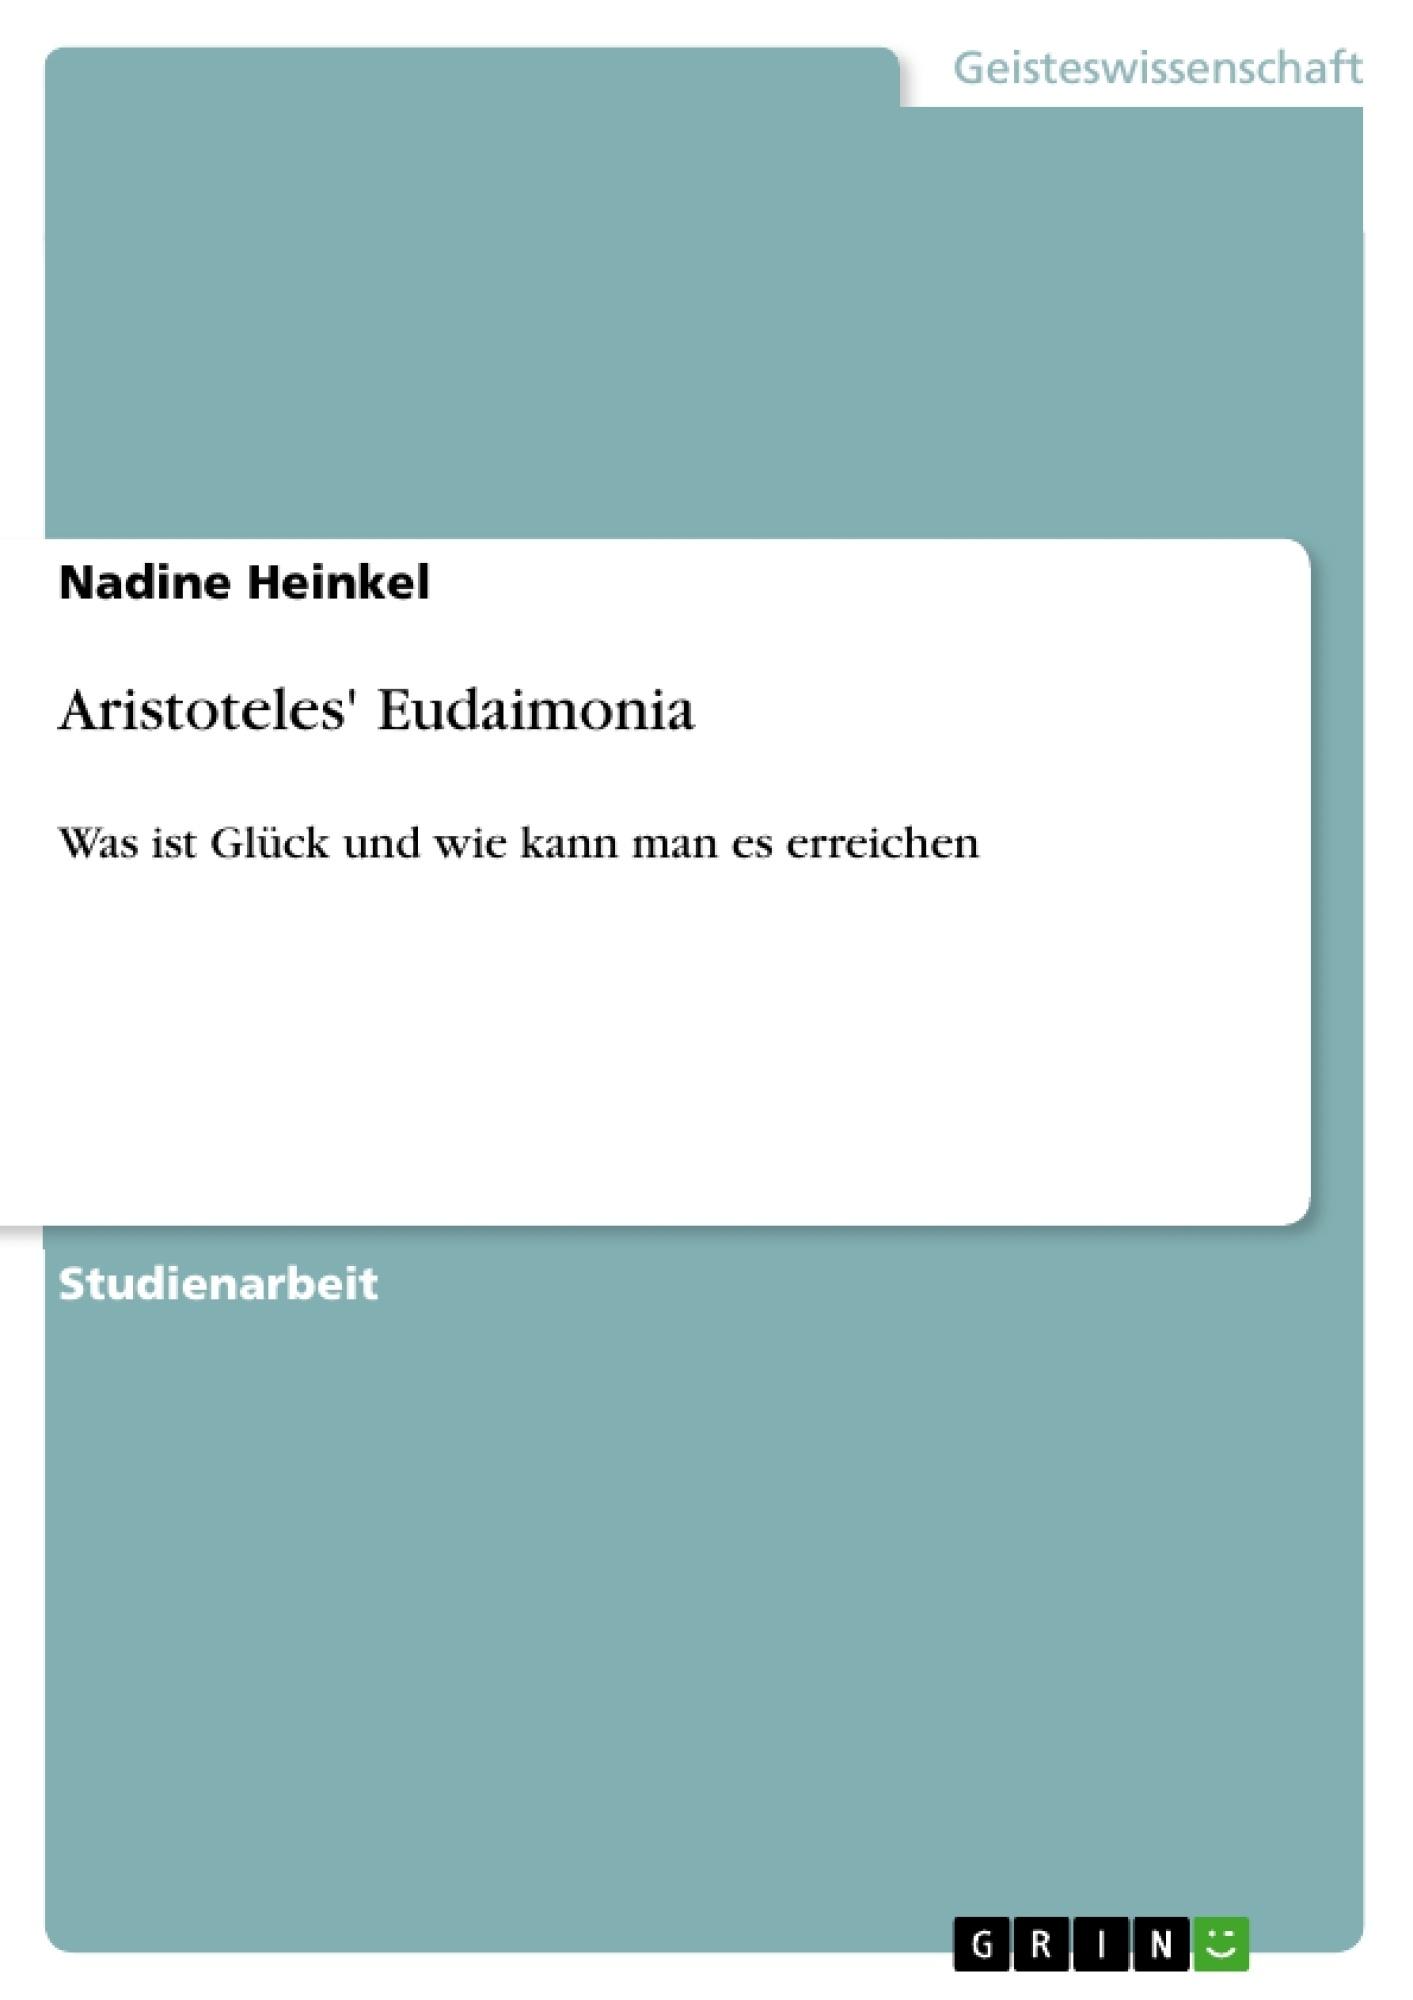 Titel: Aristoteles' Eudaimonia